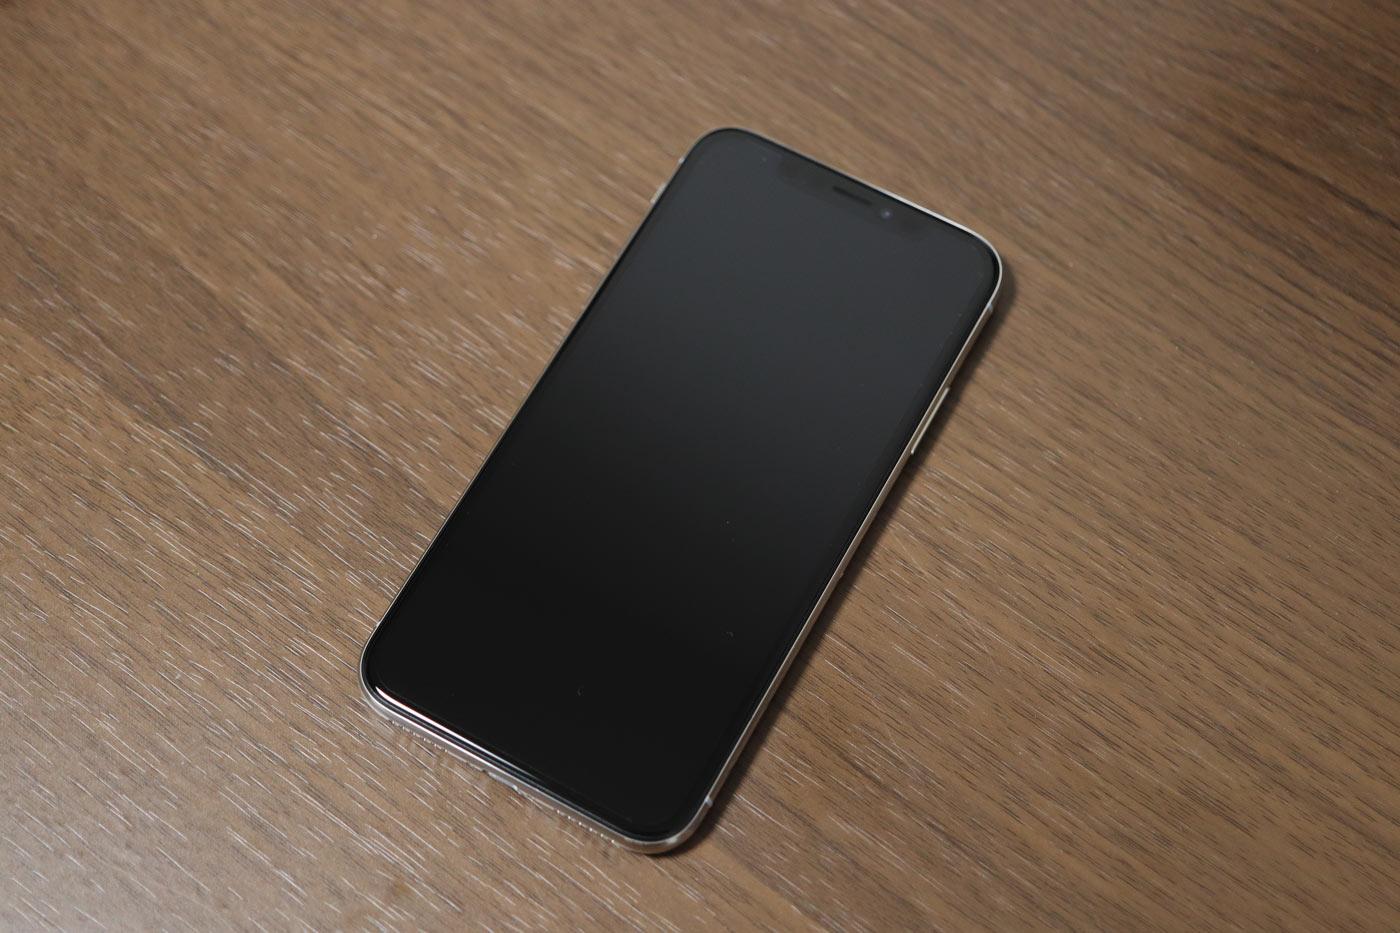 スリープ状態のiPhoneX